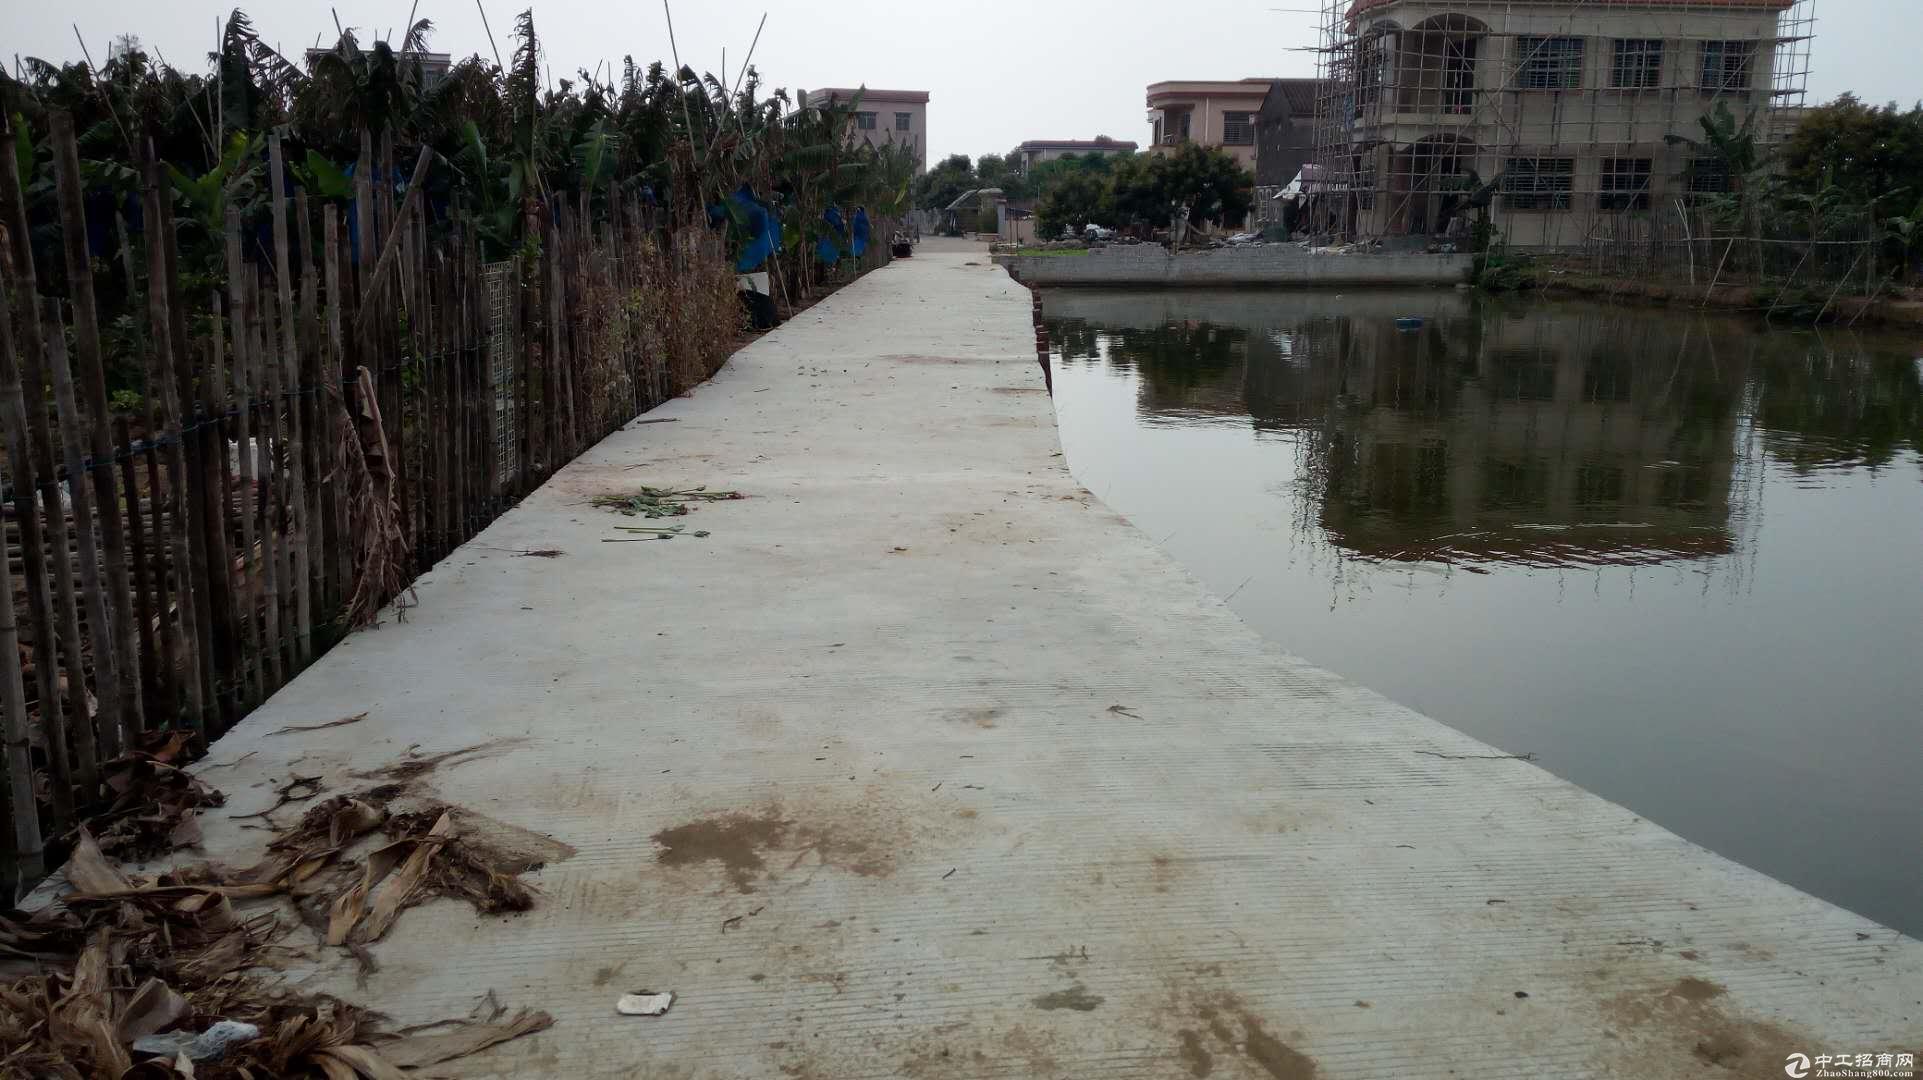 出租 港口中南村附近 一楼仓库1800方租10元/方新建铁皮